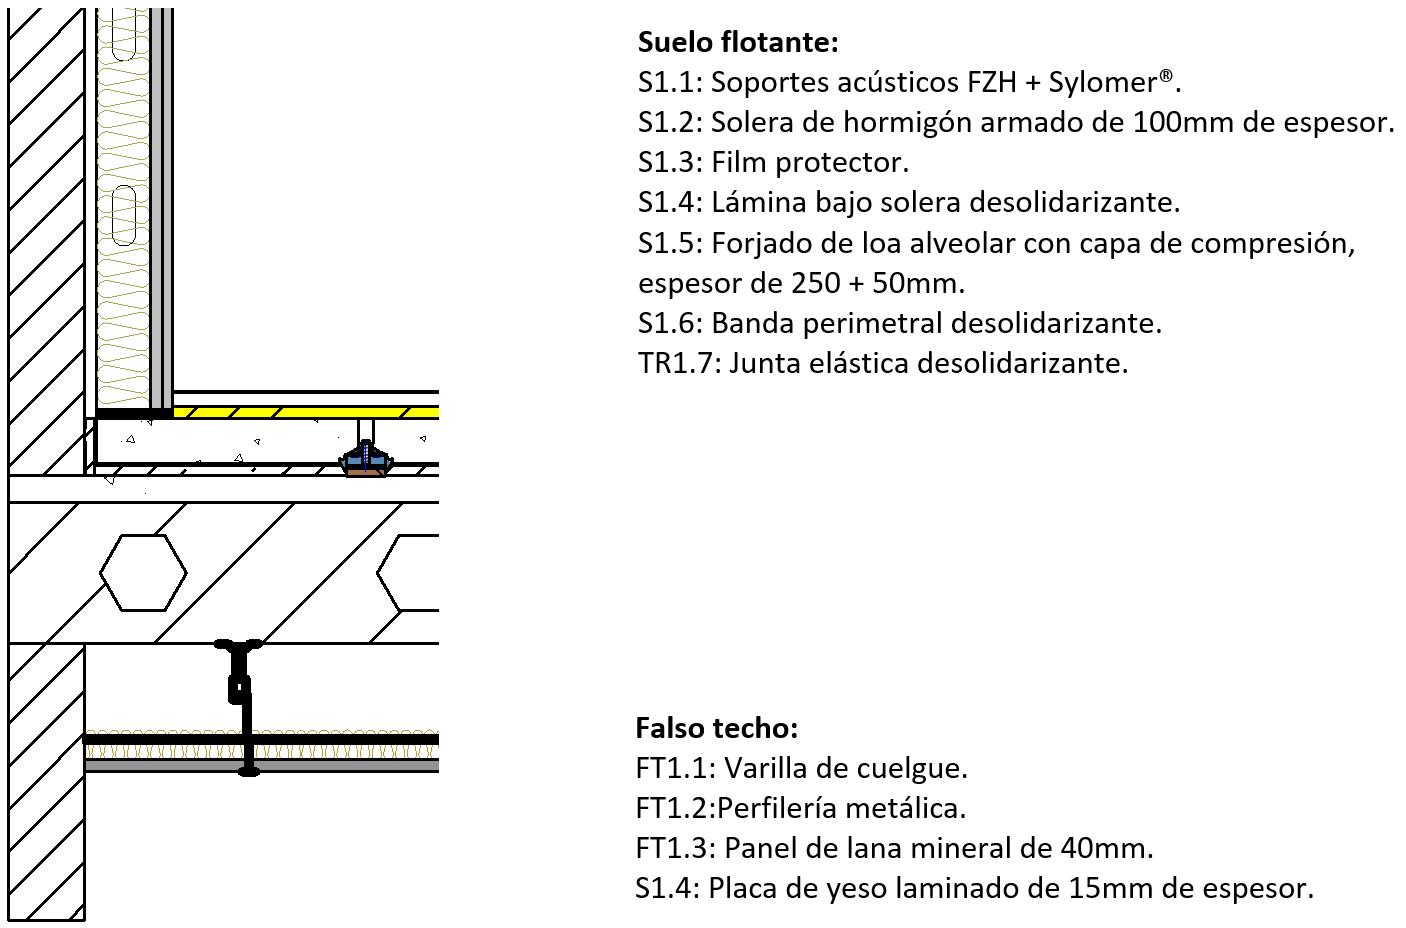 deusto-sportshall-insulation-13-es.png